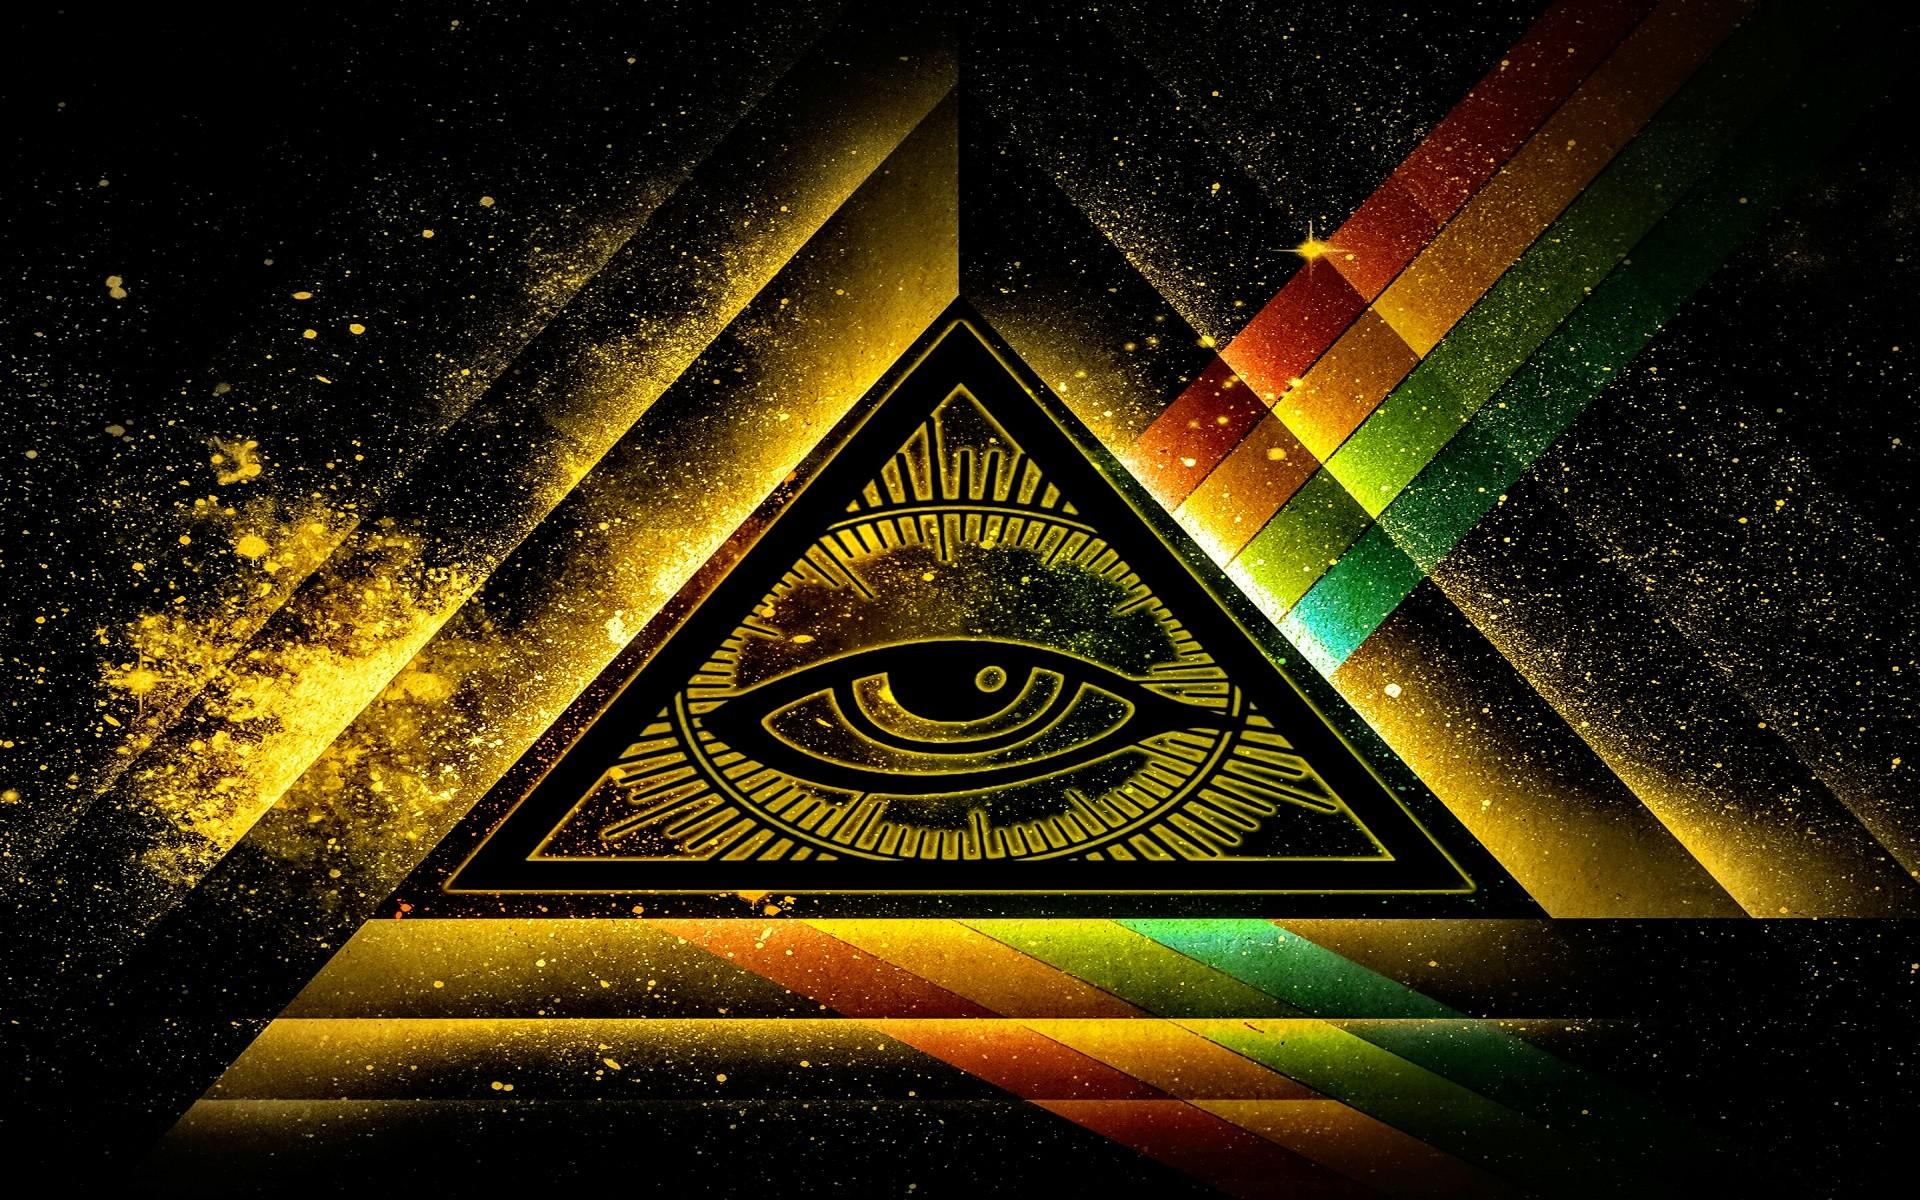 Best download illuminati wallpapers HD.